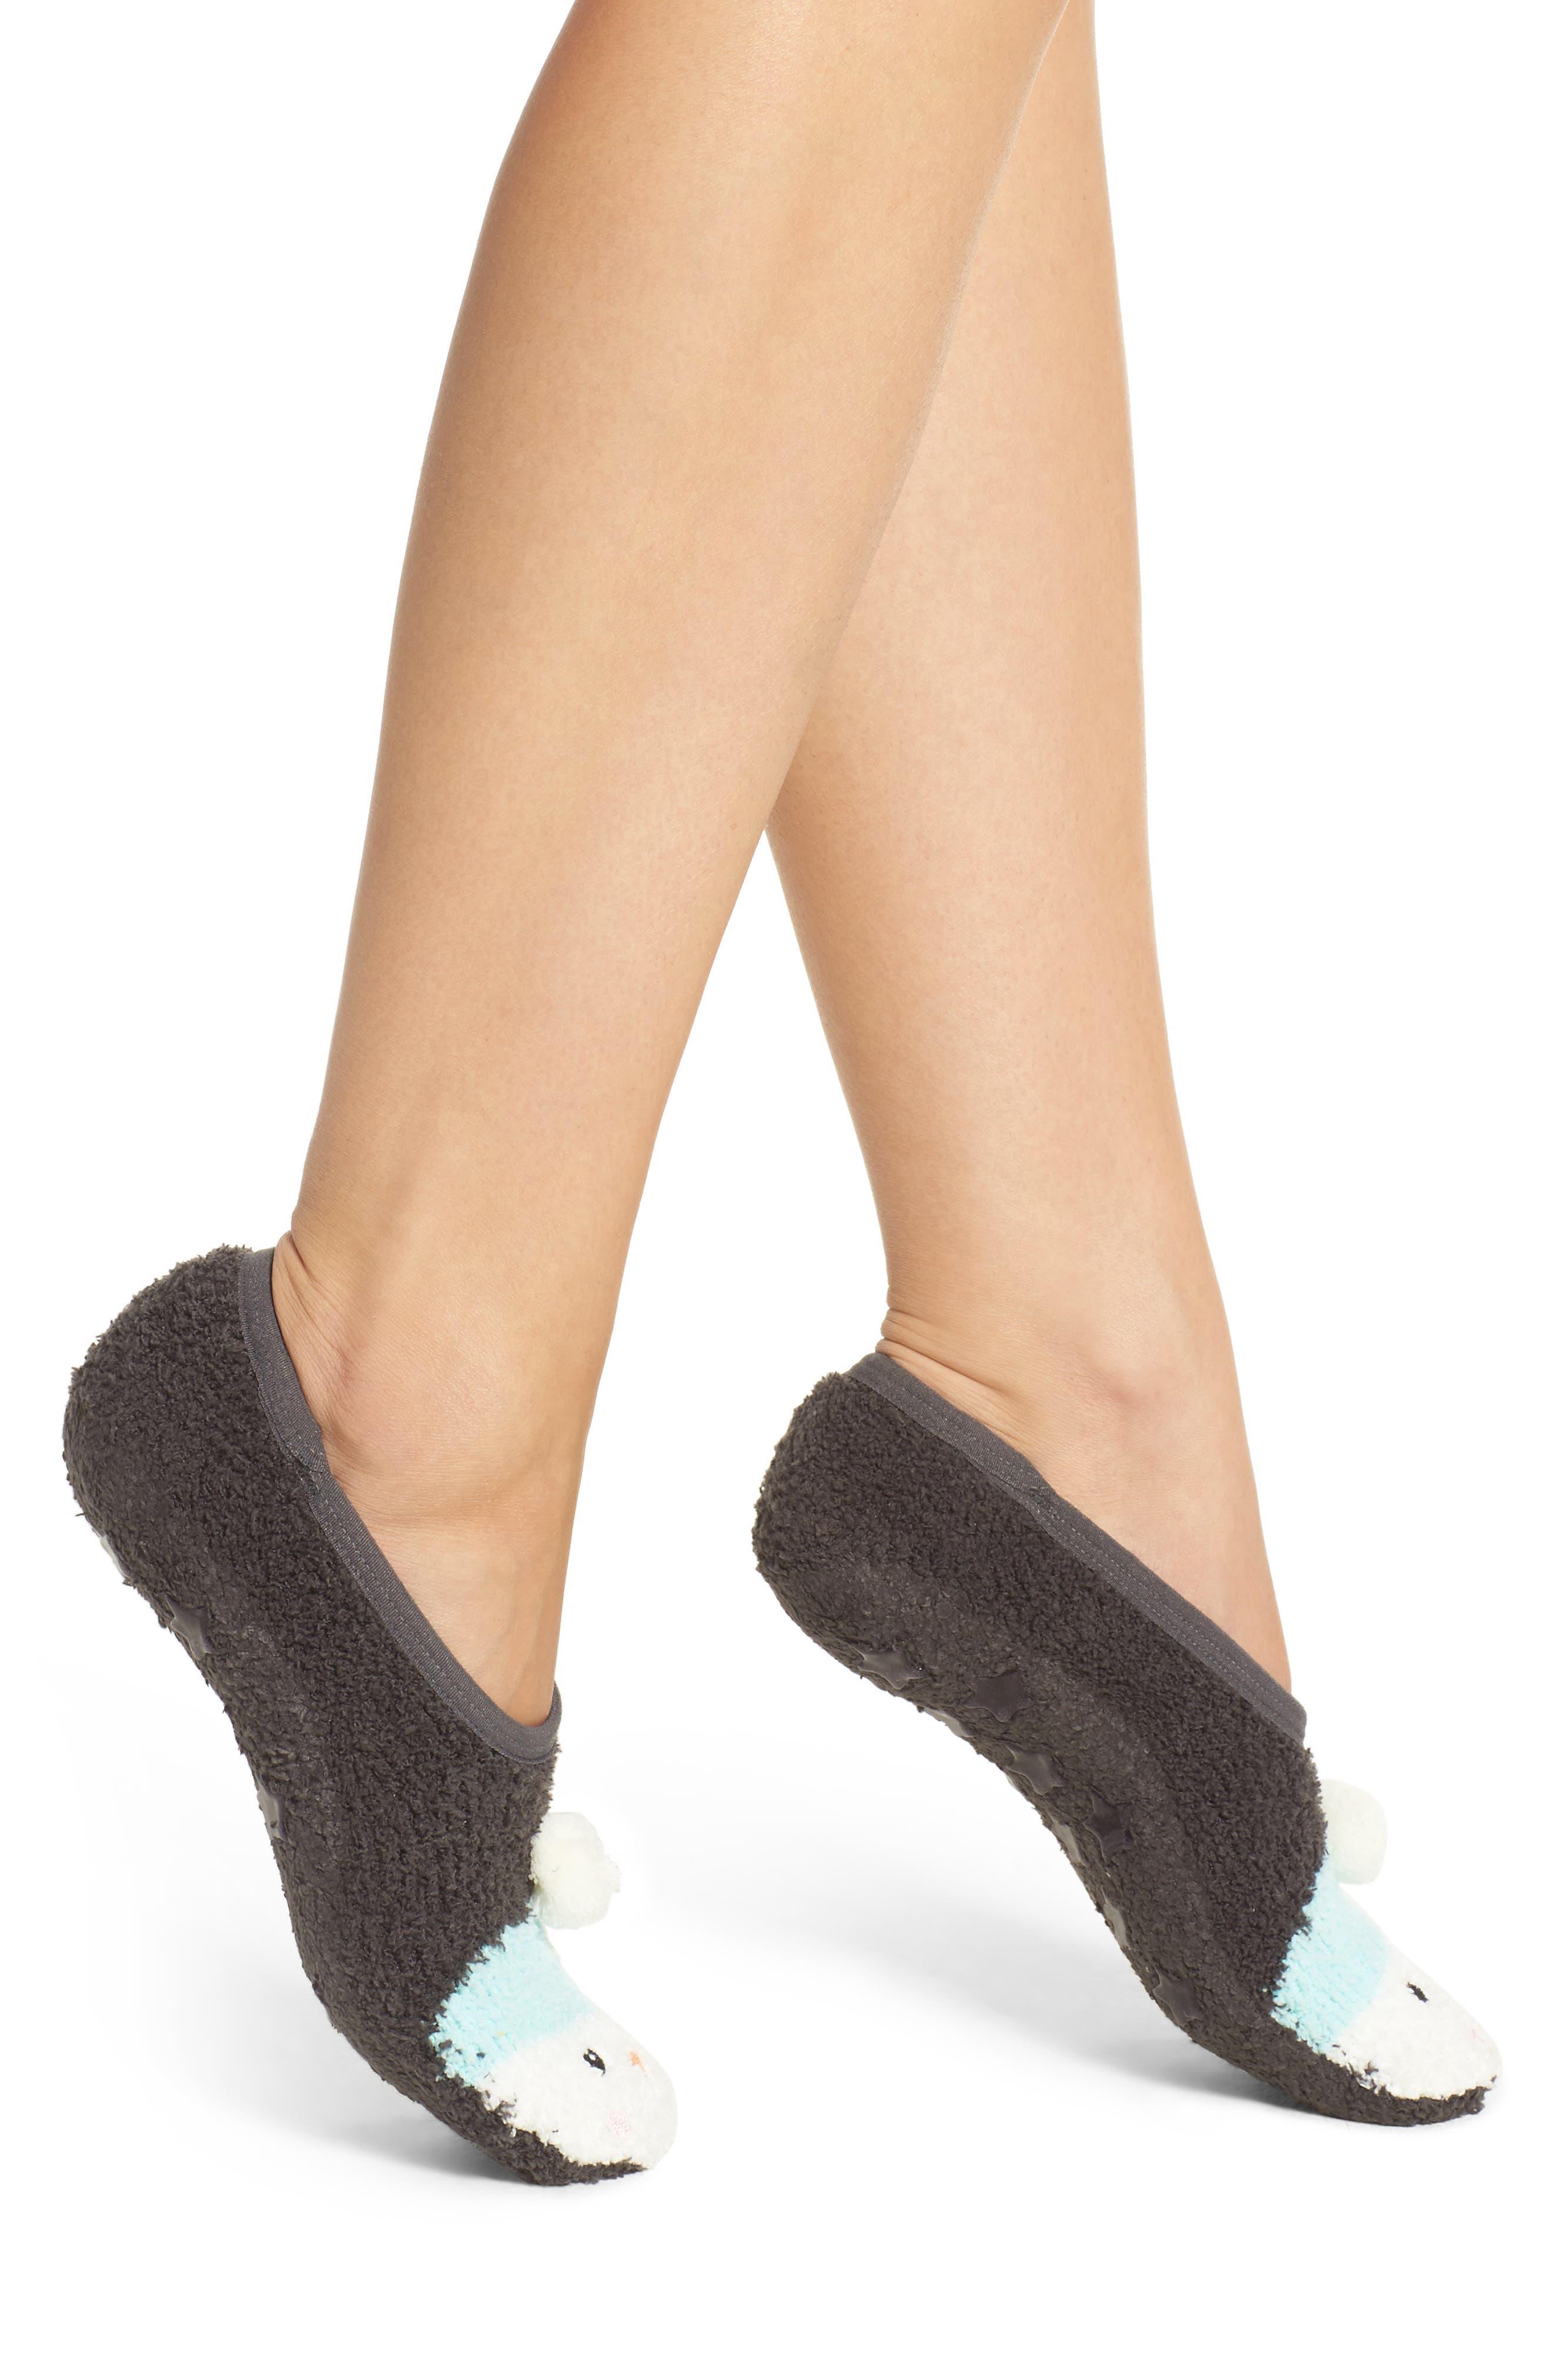 Plush Slipper Socks,                             Main thumbnail 1, color,                             020